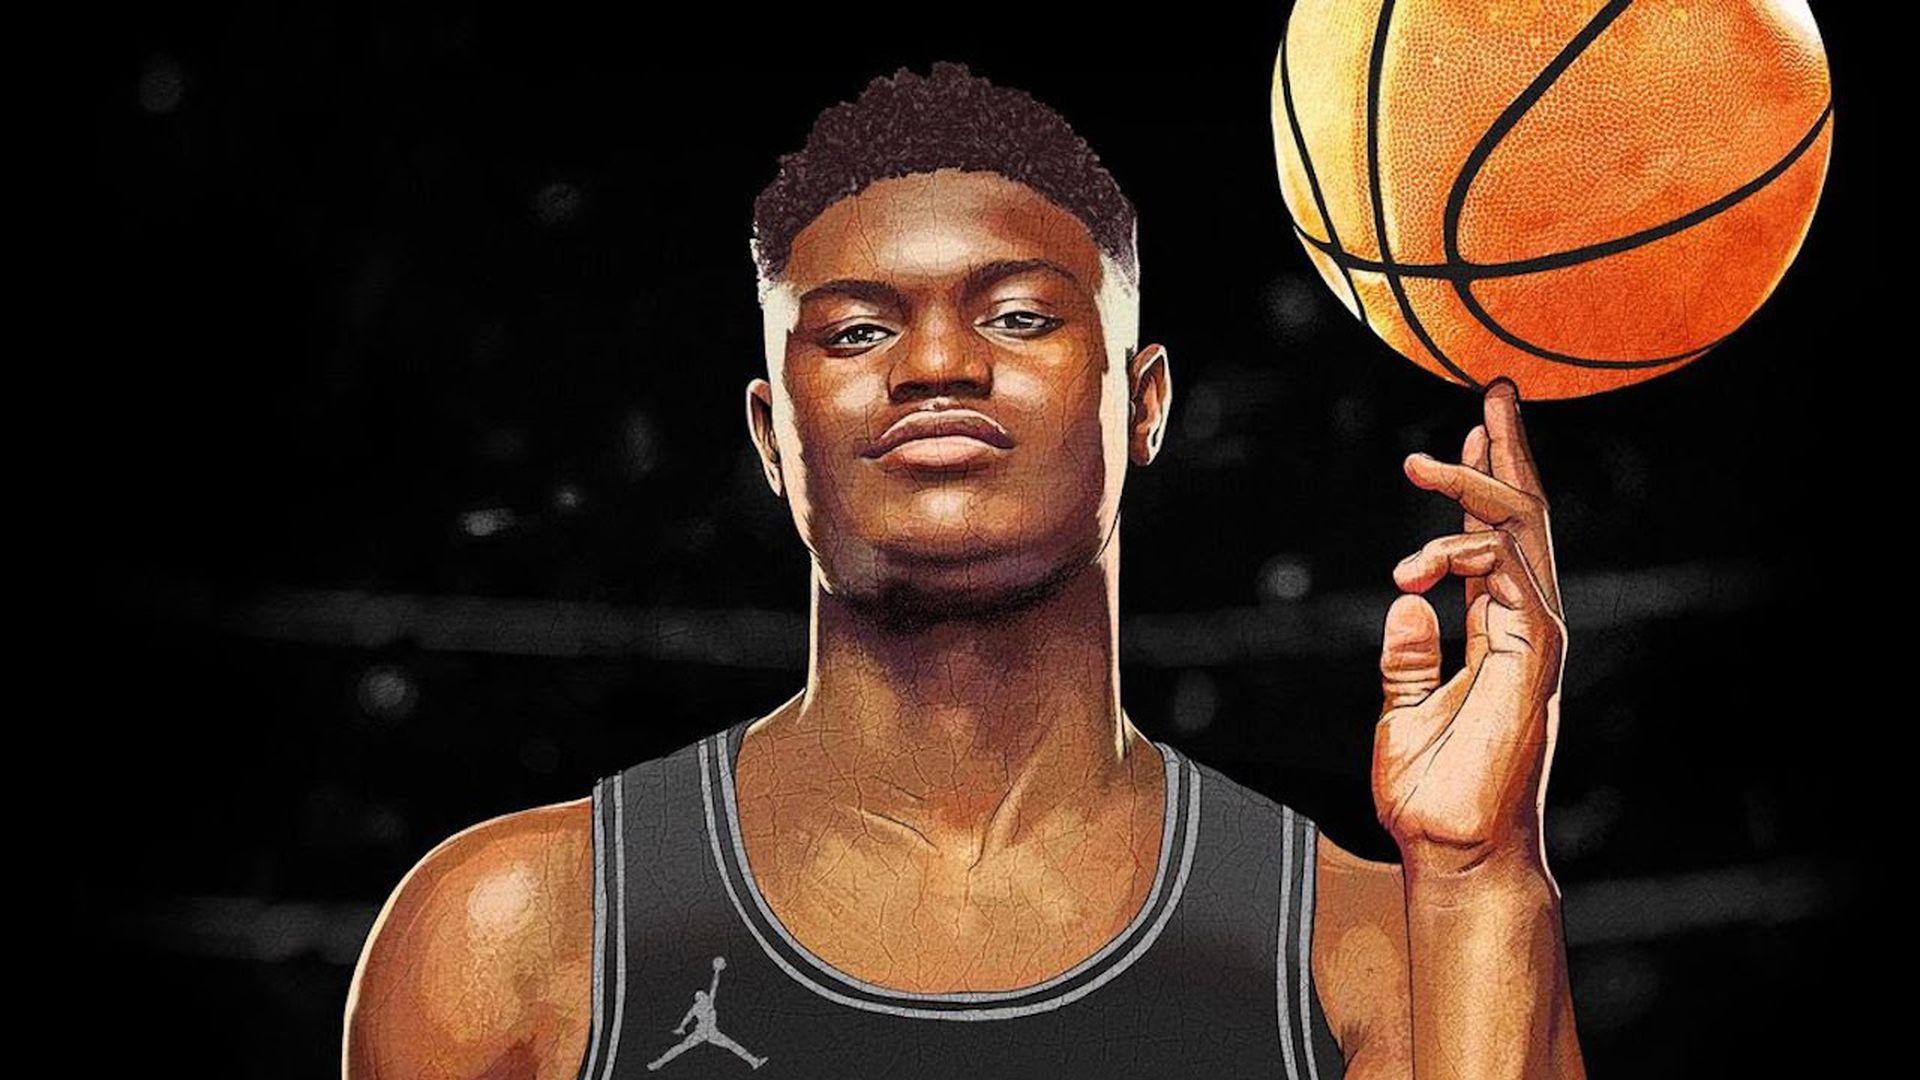 NBA Rookie Zion Williamson